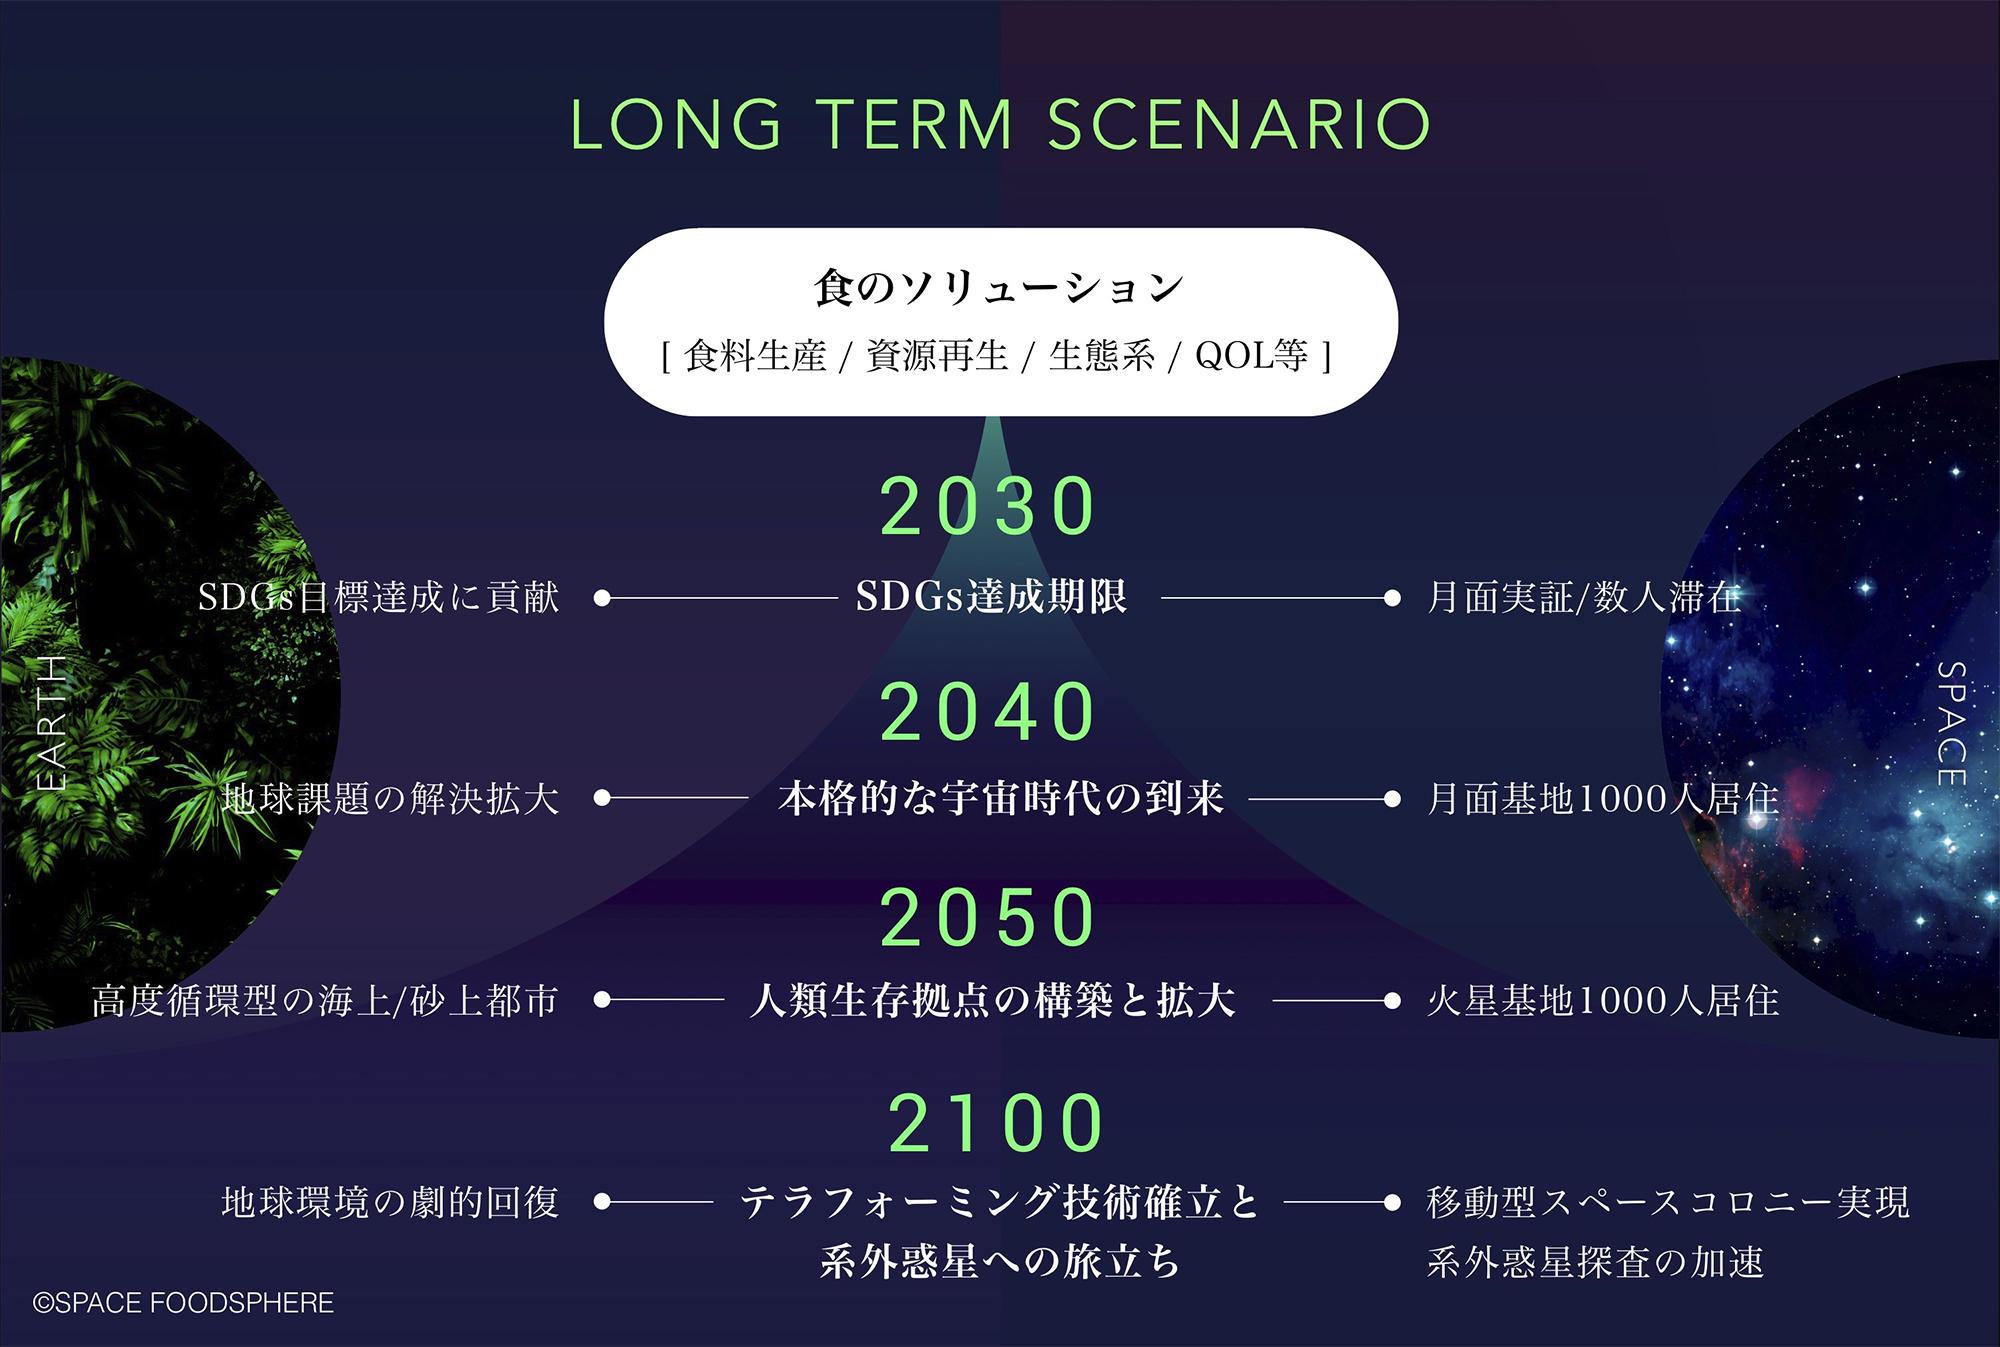 図3. 超長期シナリオ